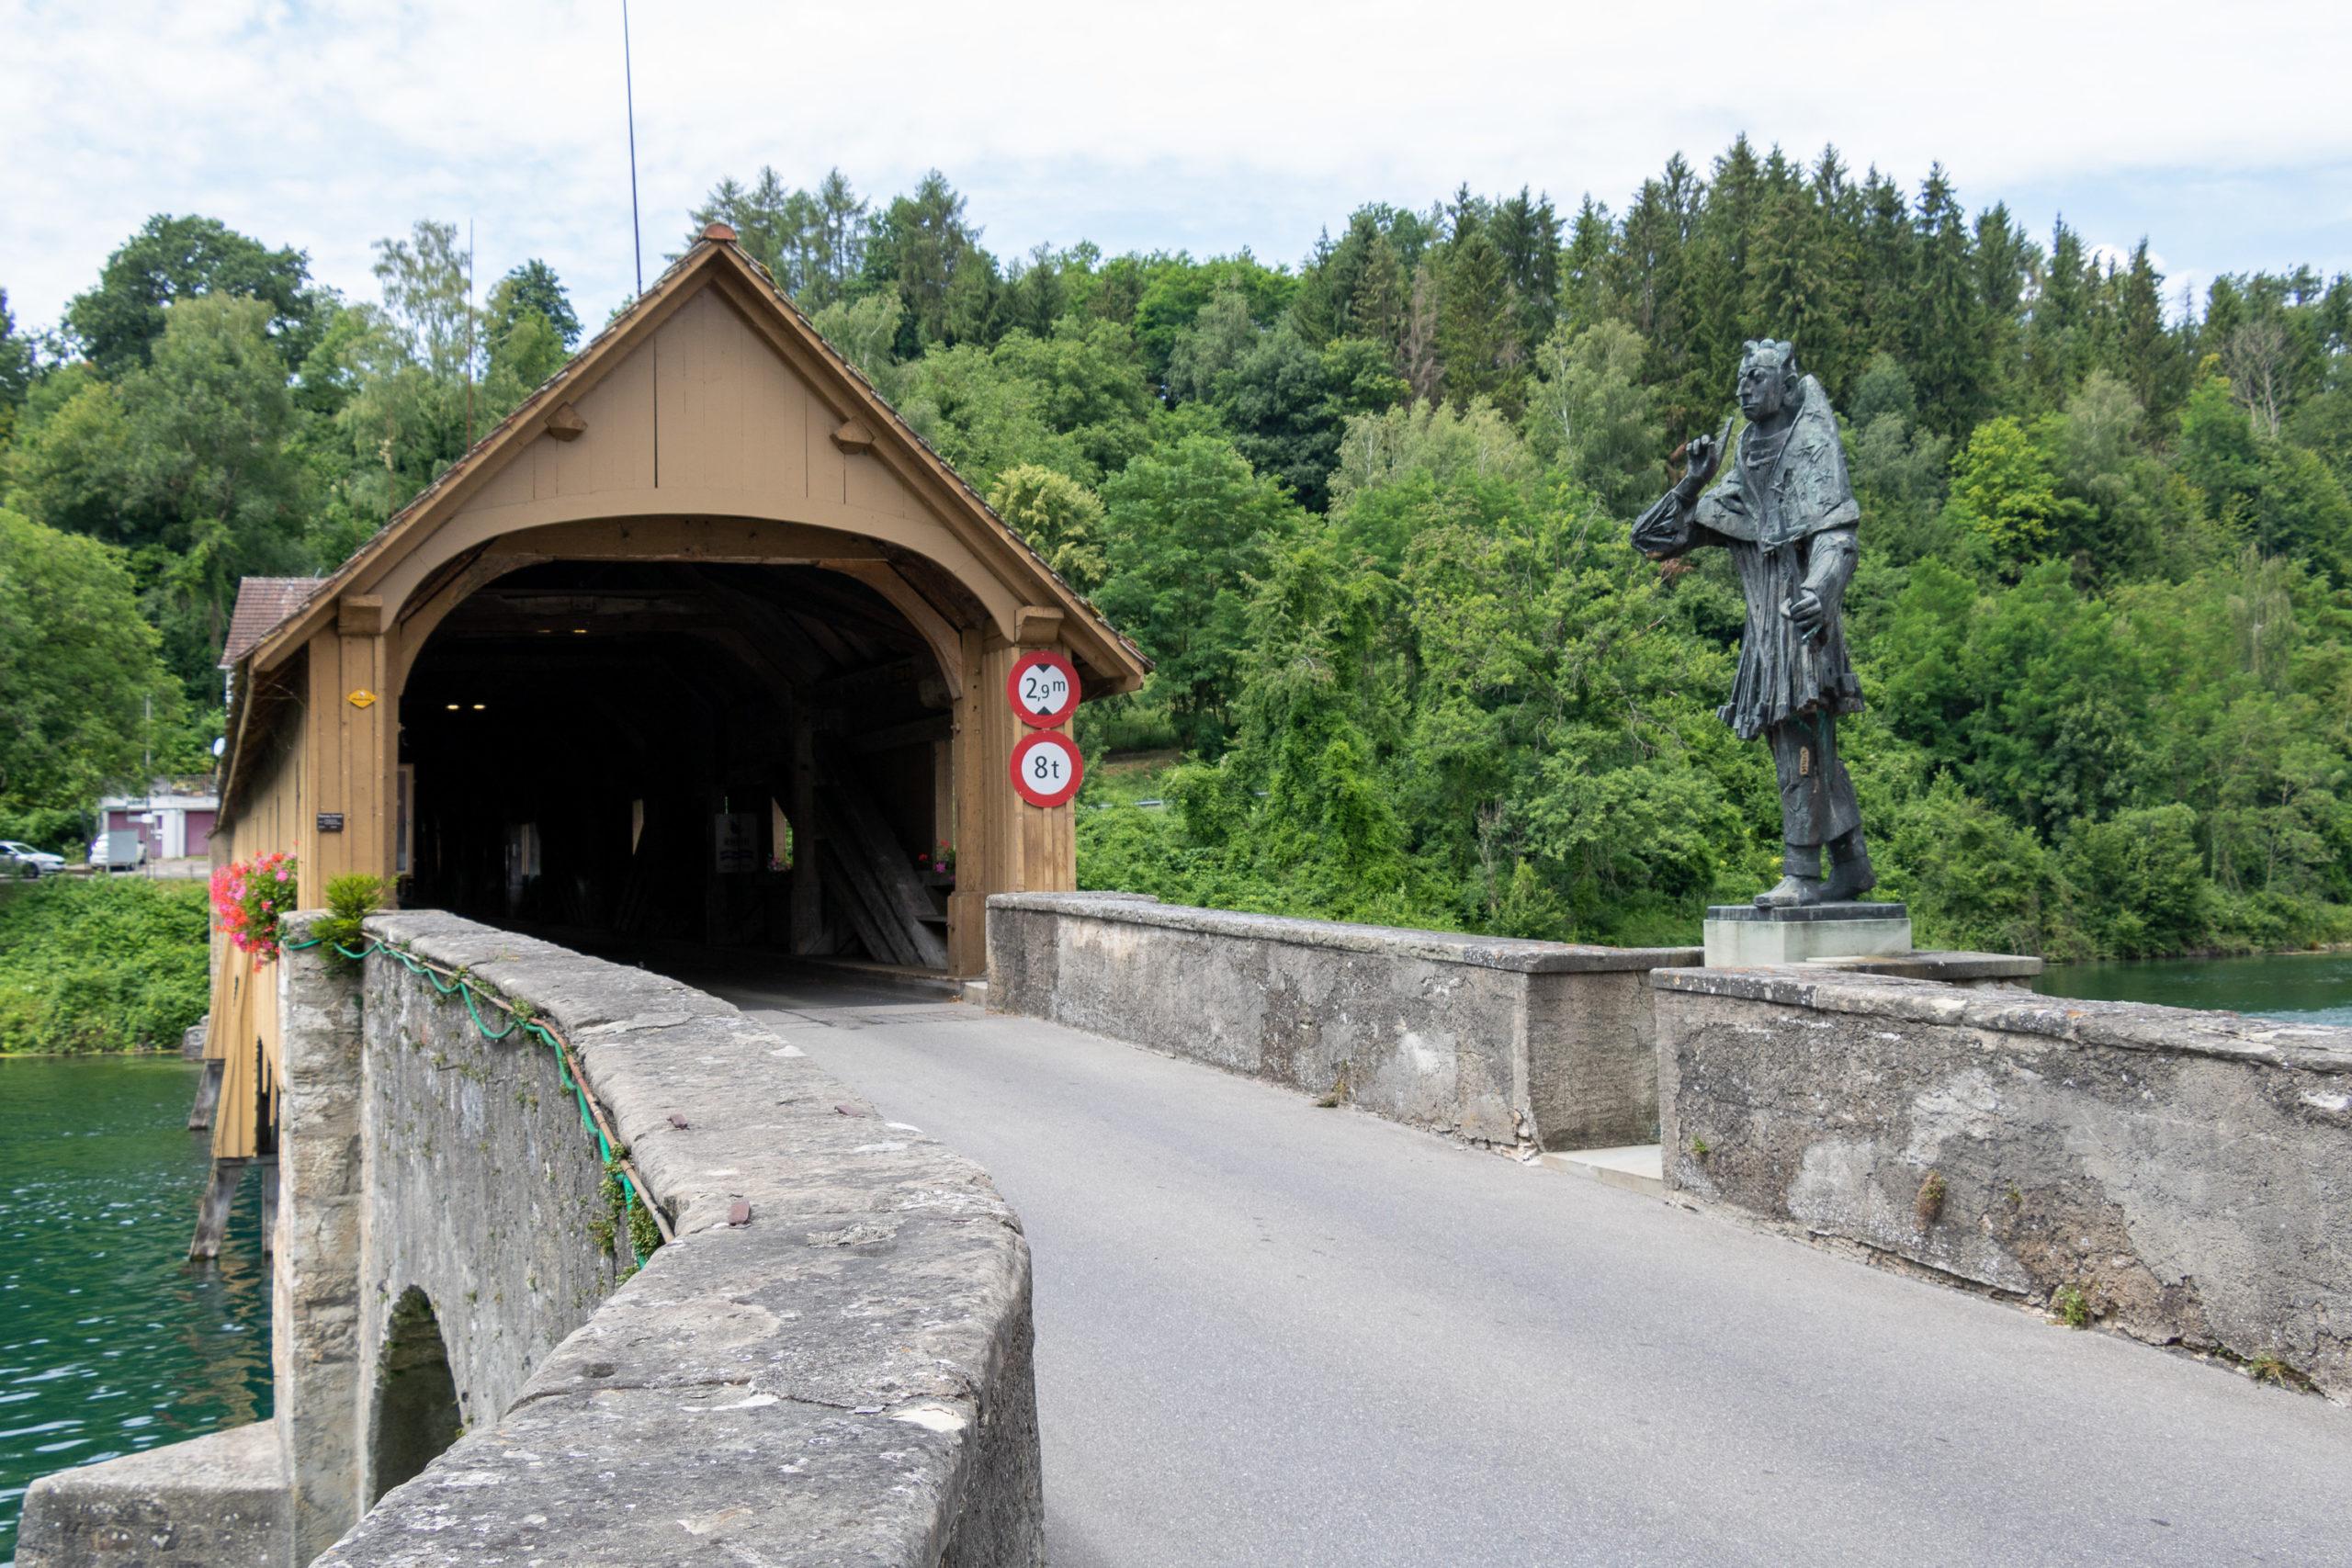 Eine Brücke, die überdacht ist und aussieht wie ein kleines Haus, durch das man hindurchfahren kann. Davor steht rechts noch eine Statue eines unbekannten Manns.